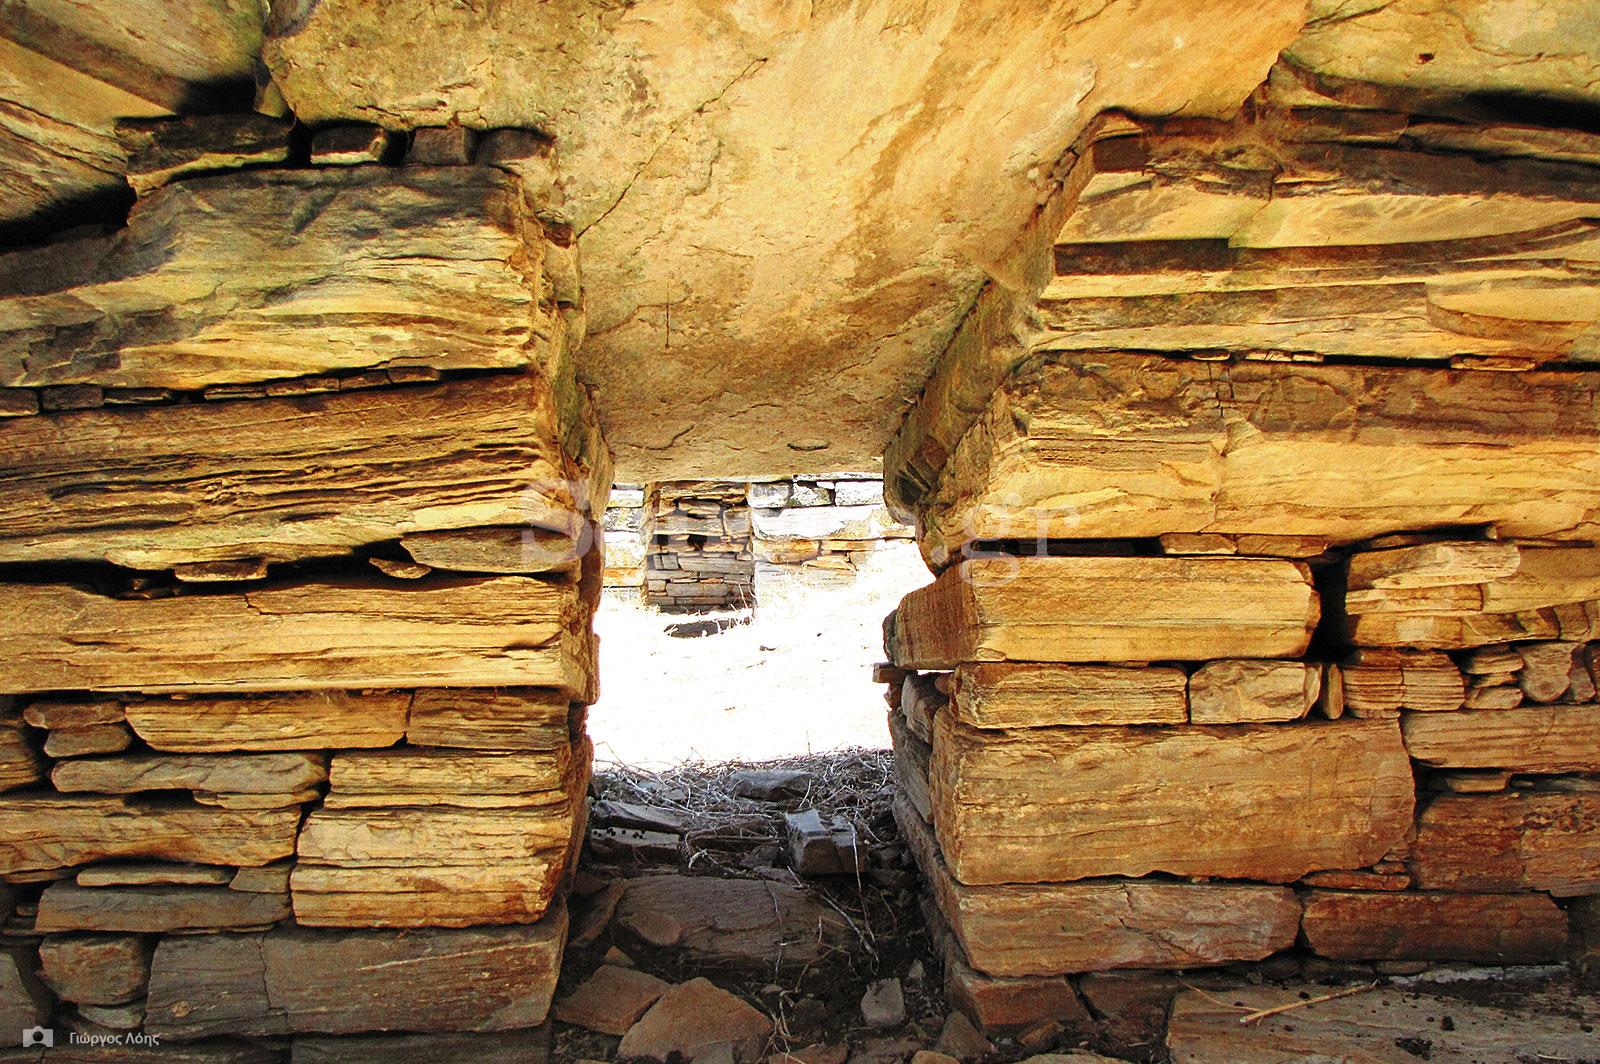 24-Το-εσωτερικό-ενός-από-τα-δύο-μακρόστενα-«Δρακόσπιτα»-στην-τοποθεσία-Πάλλη-Λάκα-Στυρών